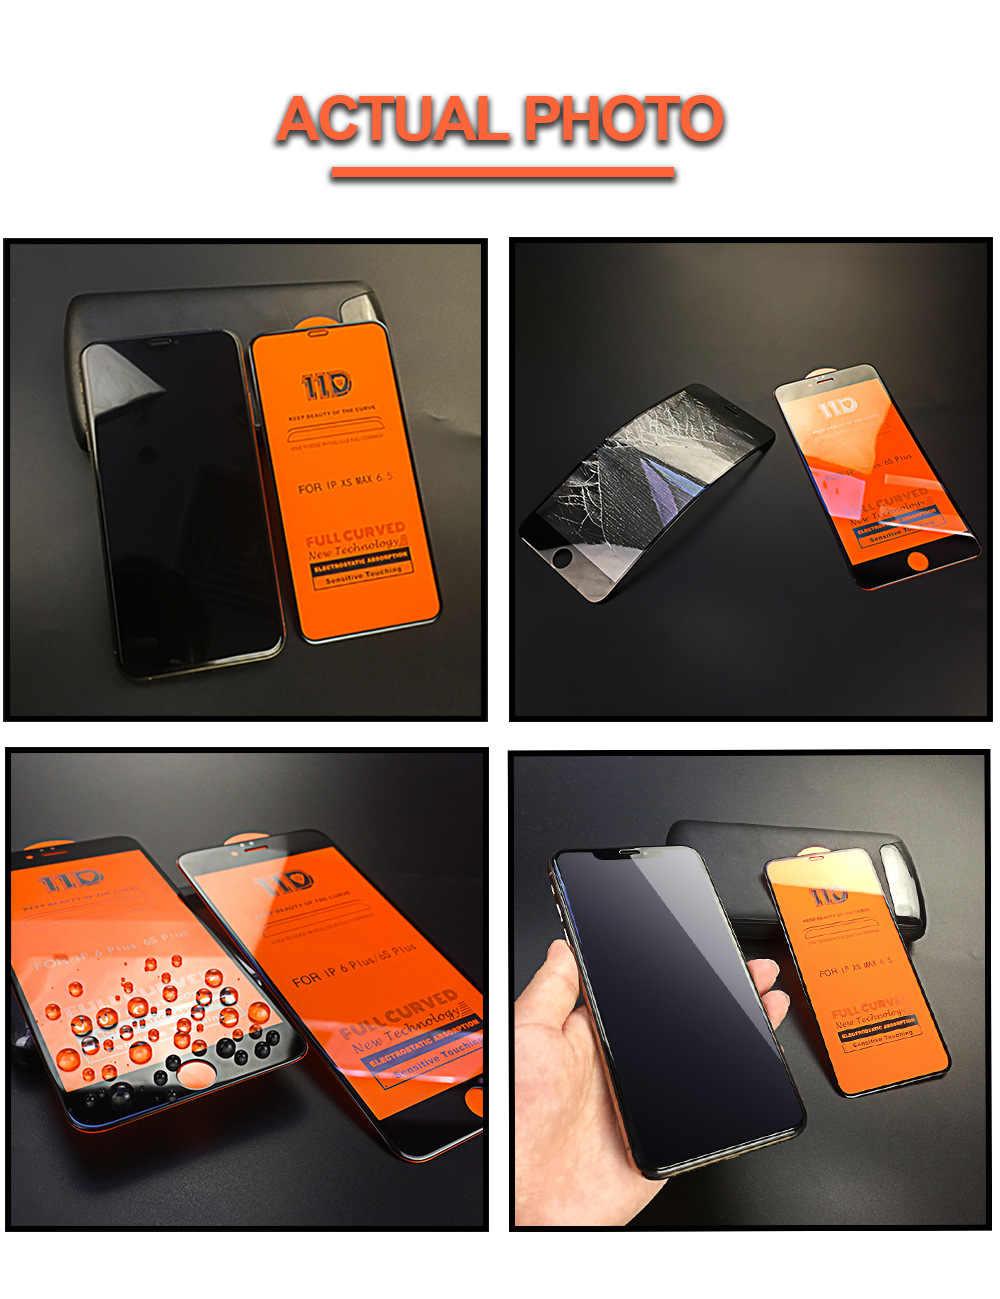 11D полностью изогнутое закаленное стекло полная бухта для Samsung Galaxy A8 A7 A750 A6 Plus A6 2018 большая изогнутая быстрая выхлопная защитная пленка